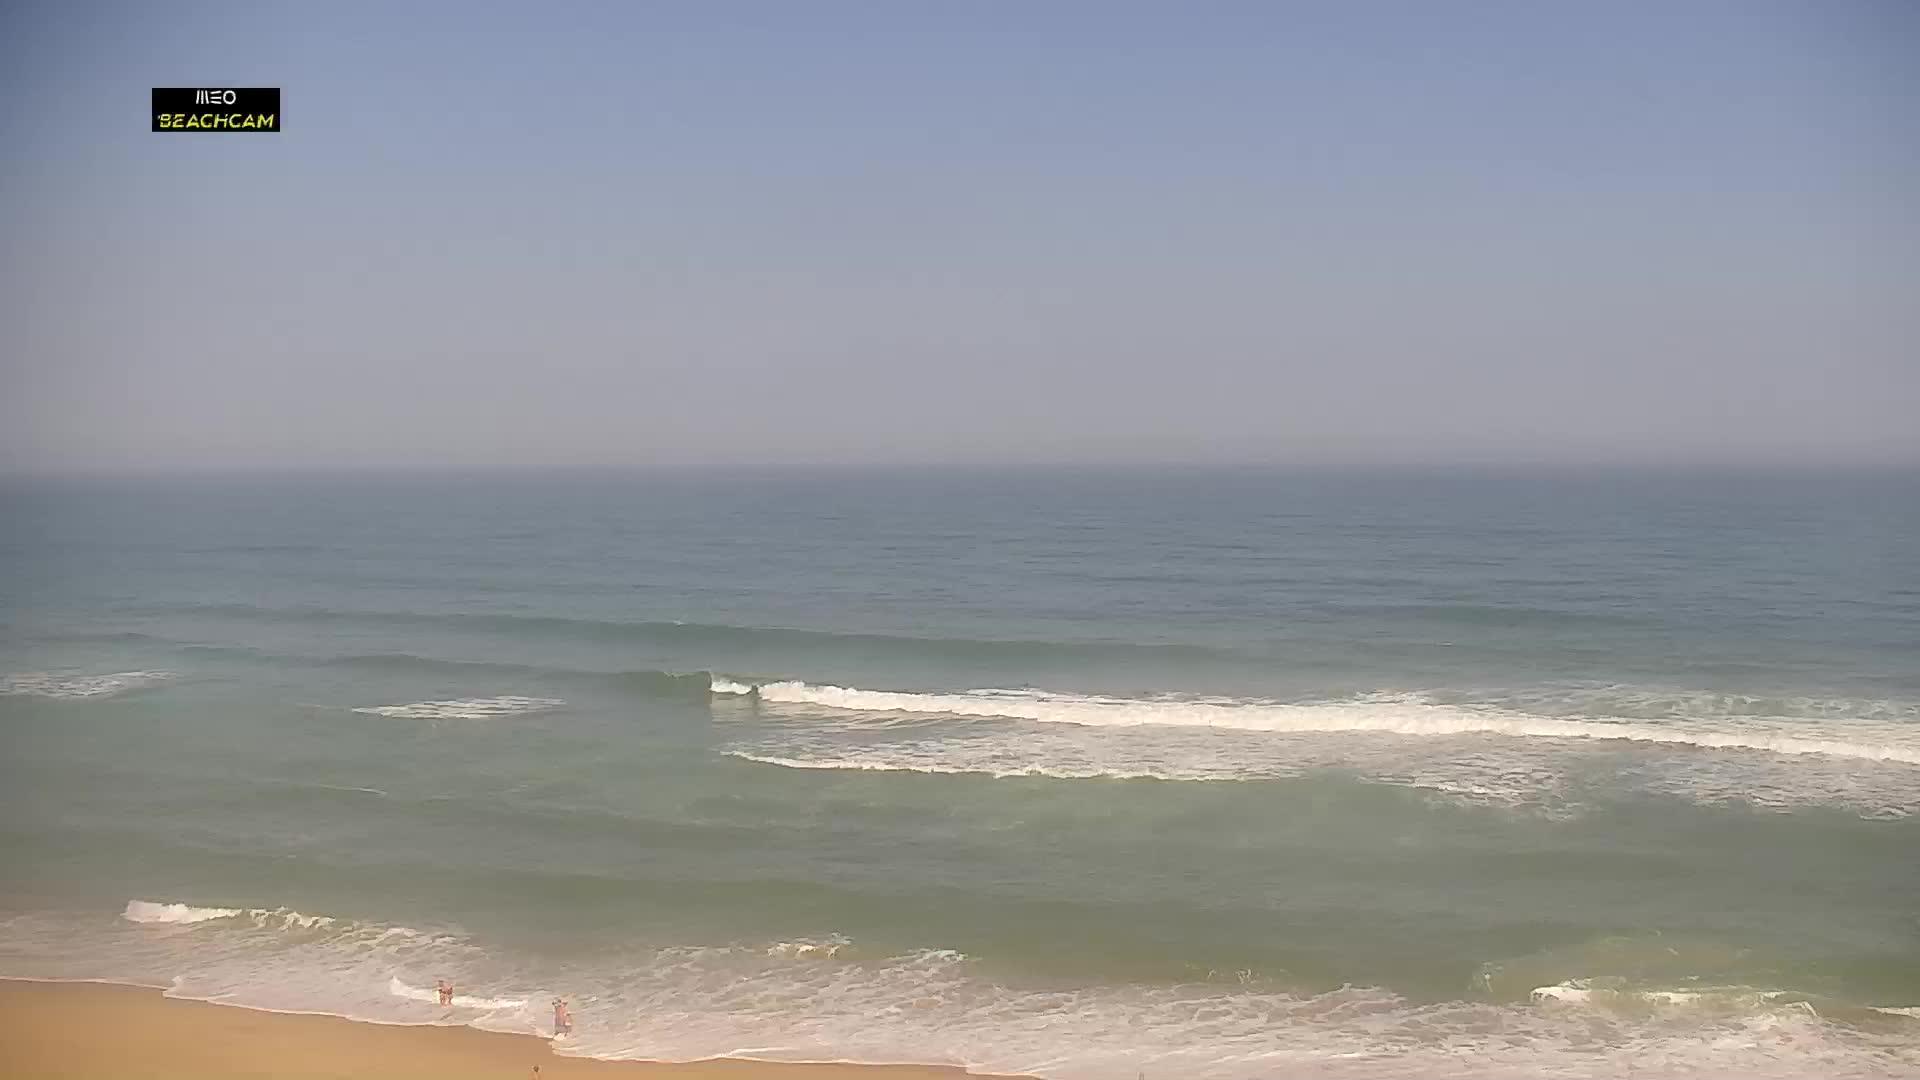 Praia Grande Di. 09:53